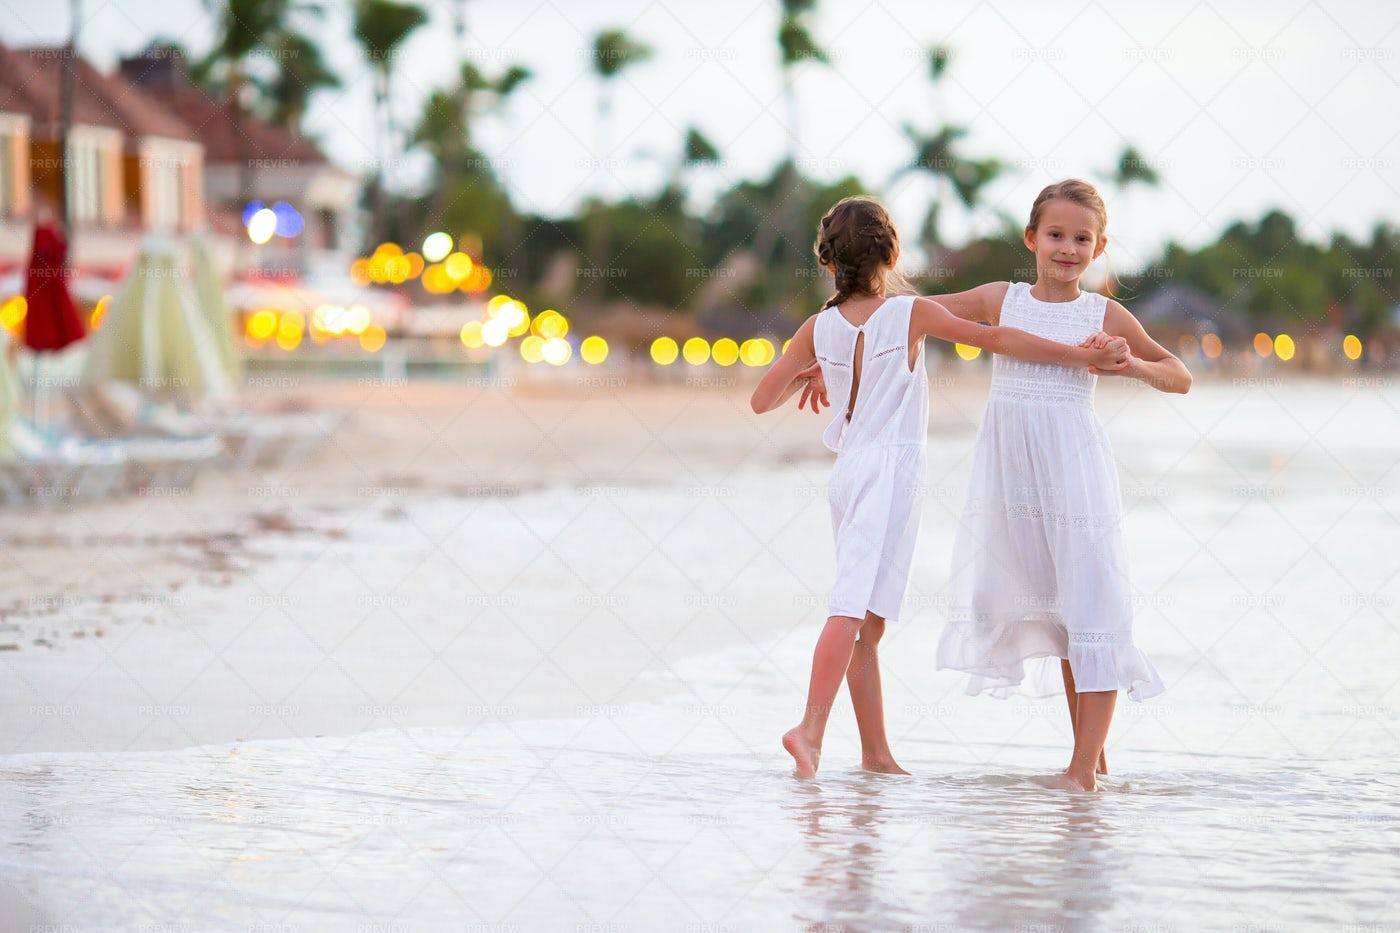 Children Dancing On A Beach: Stock Photos